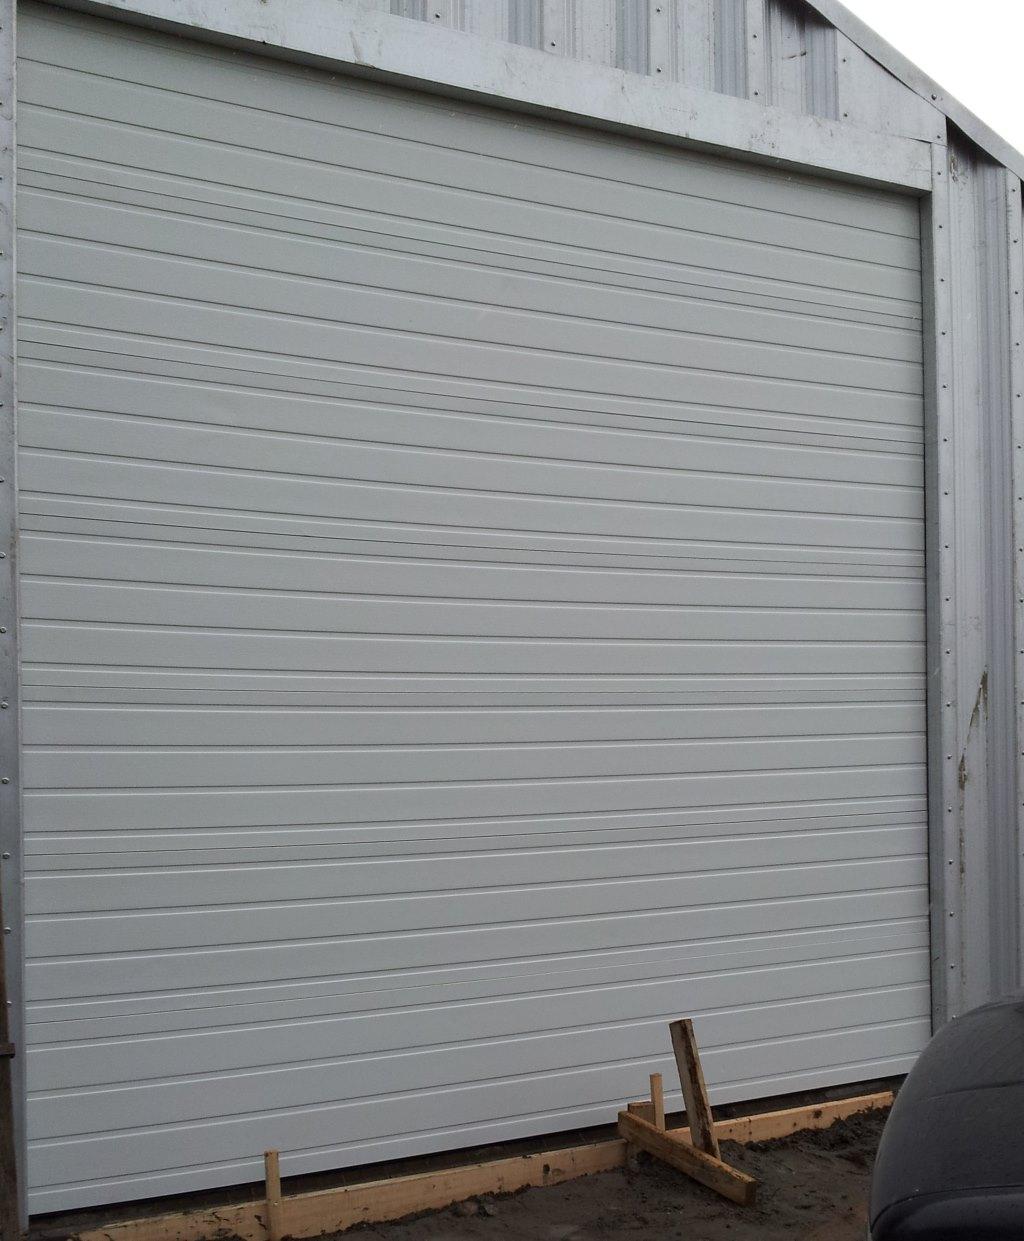 Industrial Overhead Door Commercial Garage Gallery